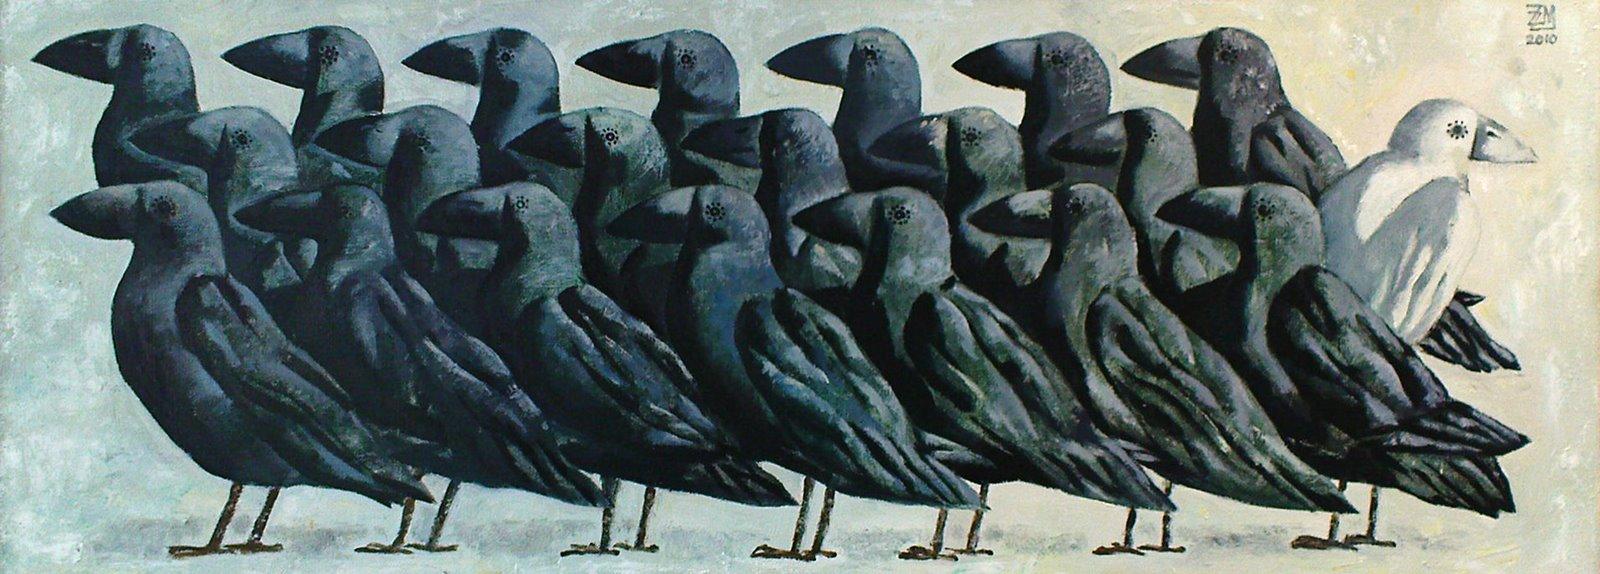 Закарья Закарьяев: Белая ворона